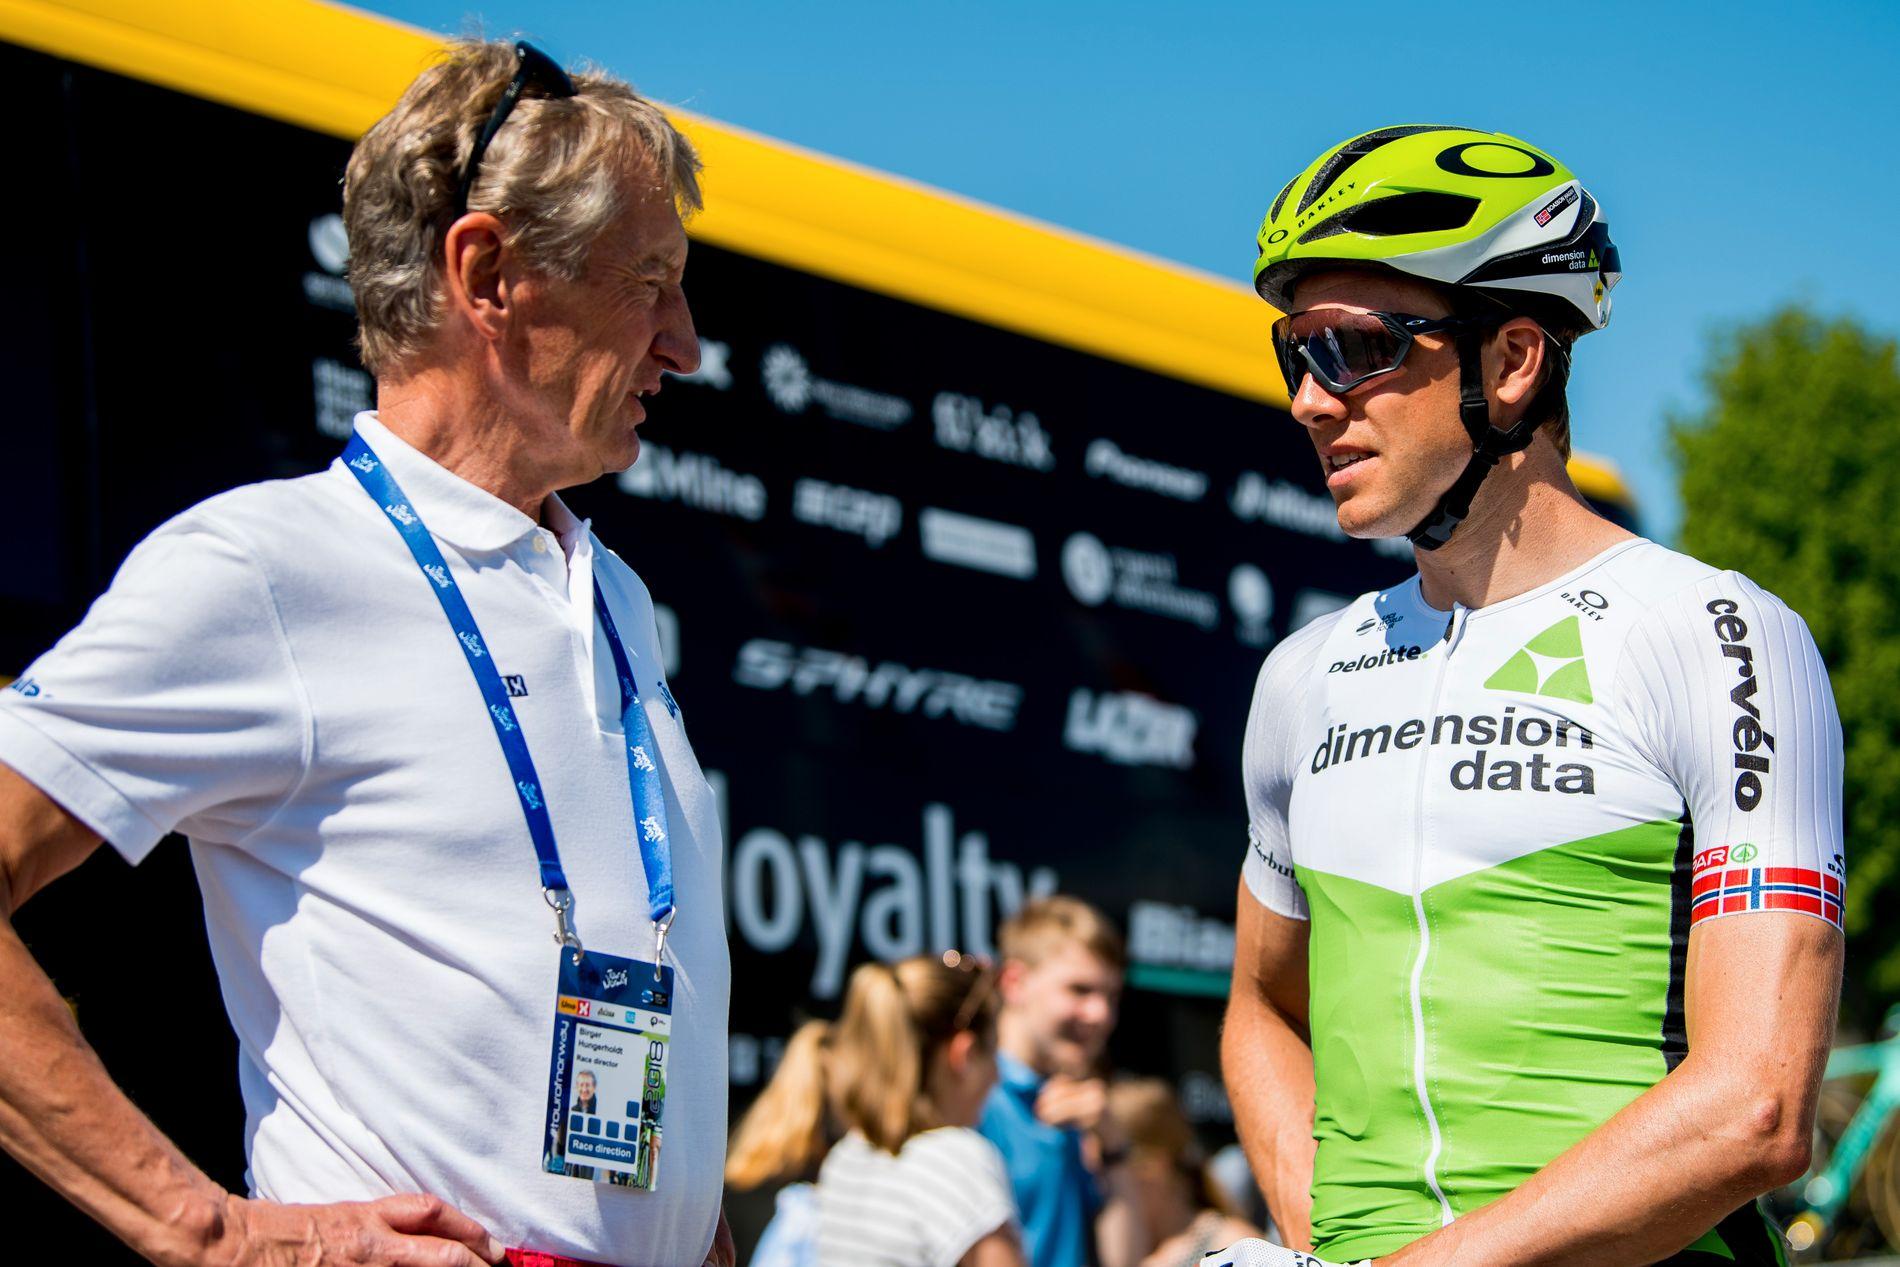 Birger Hungerholdt har lang erfaring med rittplanlegging. Her sammen med Edvald Boasson Hagen under Tour of Norway i 2018.